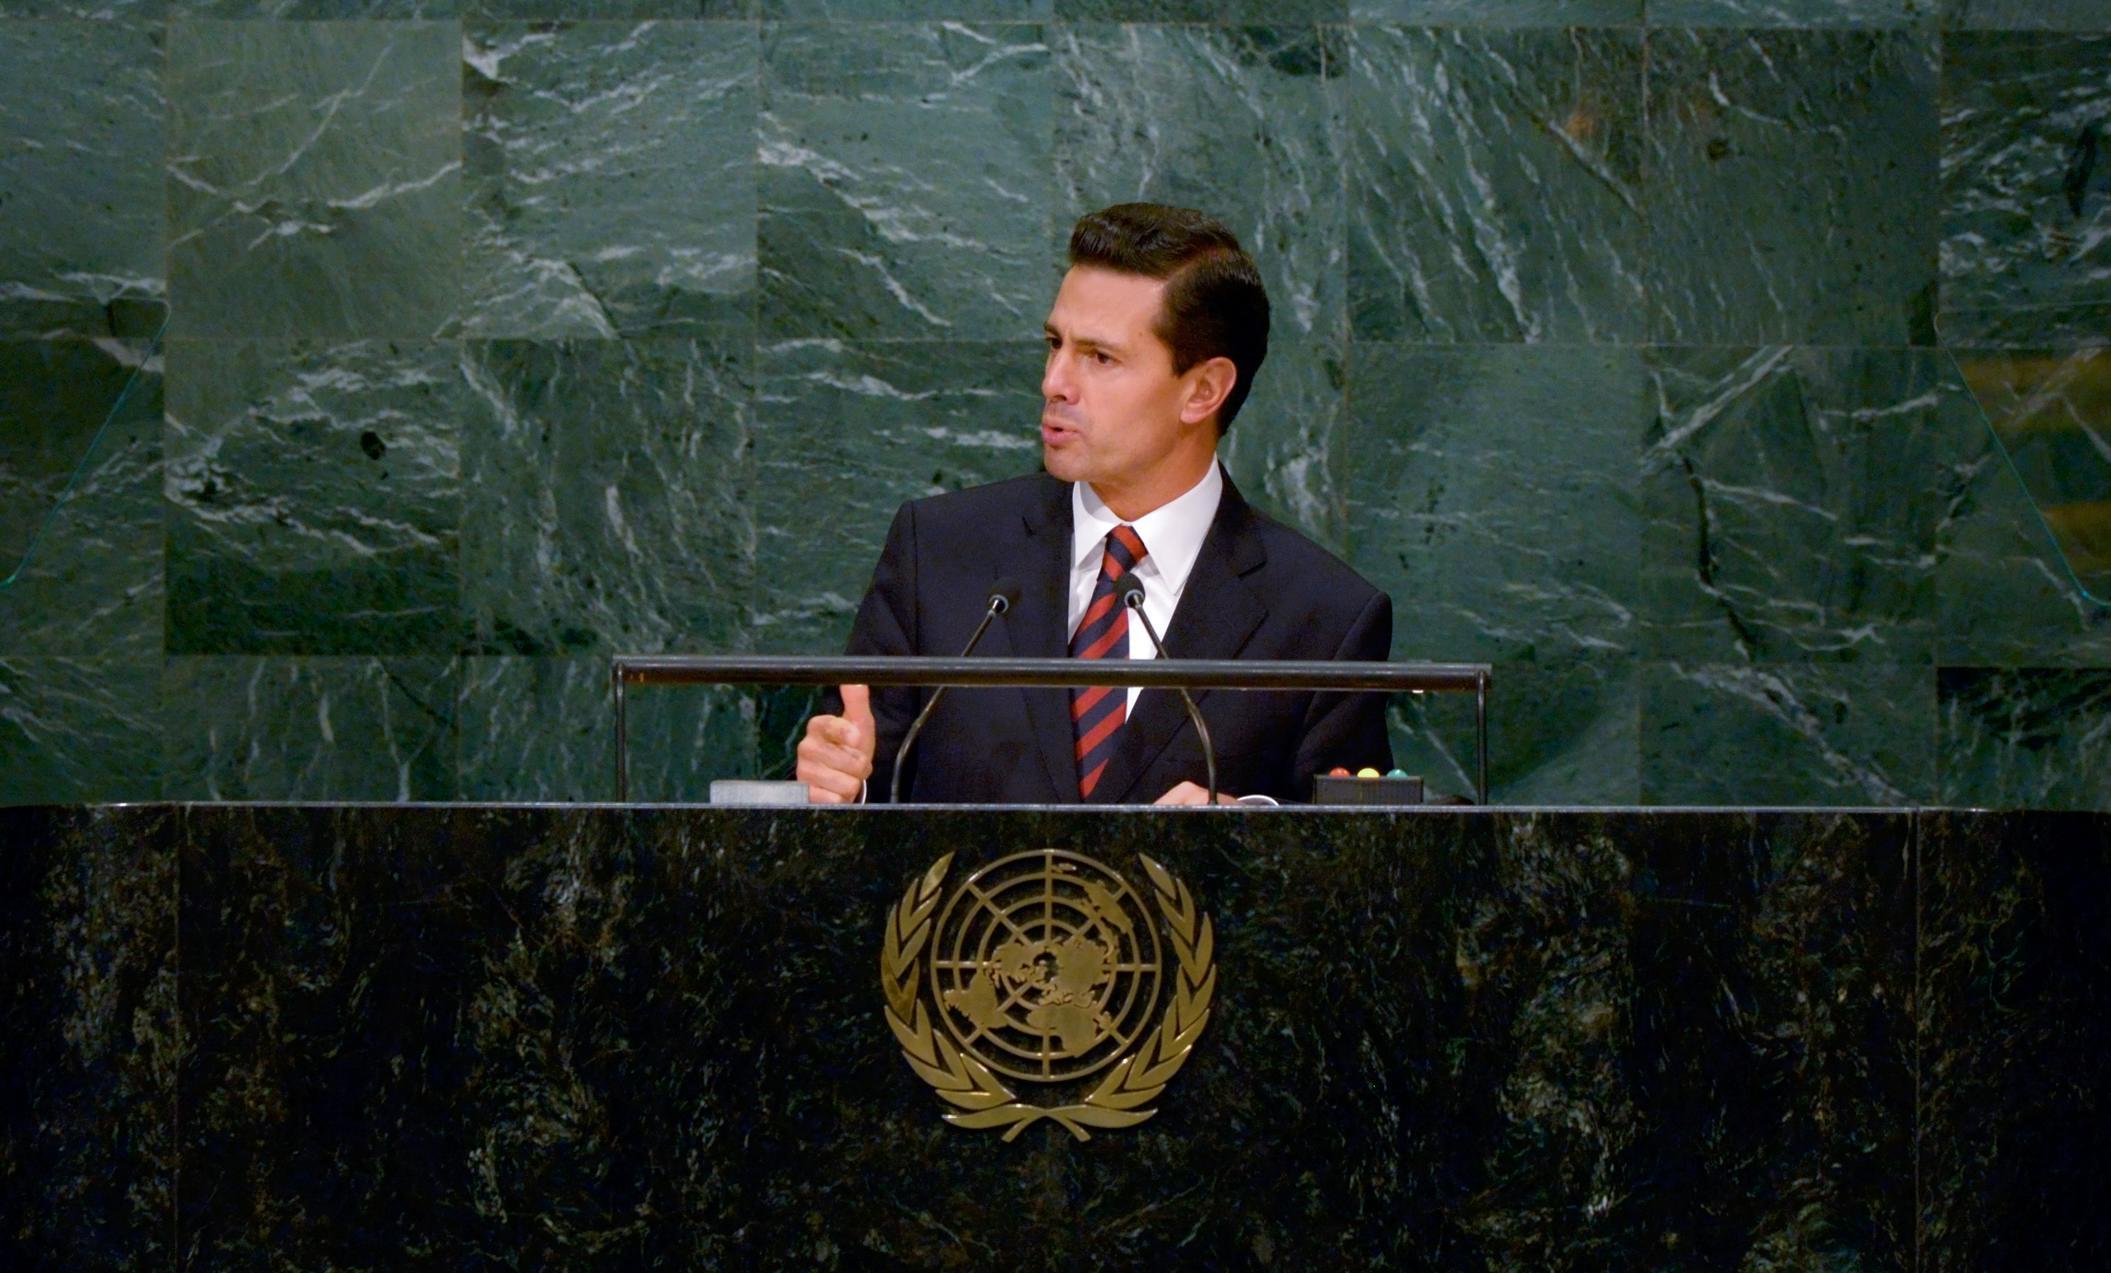 El Primer Mandatario participó en el Debate General de la Asamblea General de la Organización de las Naciones Unidas en su 71º Periodo de Sesiones.